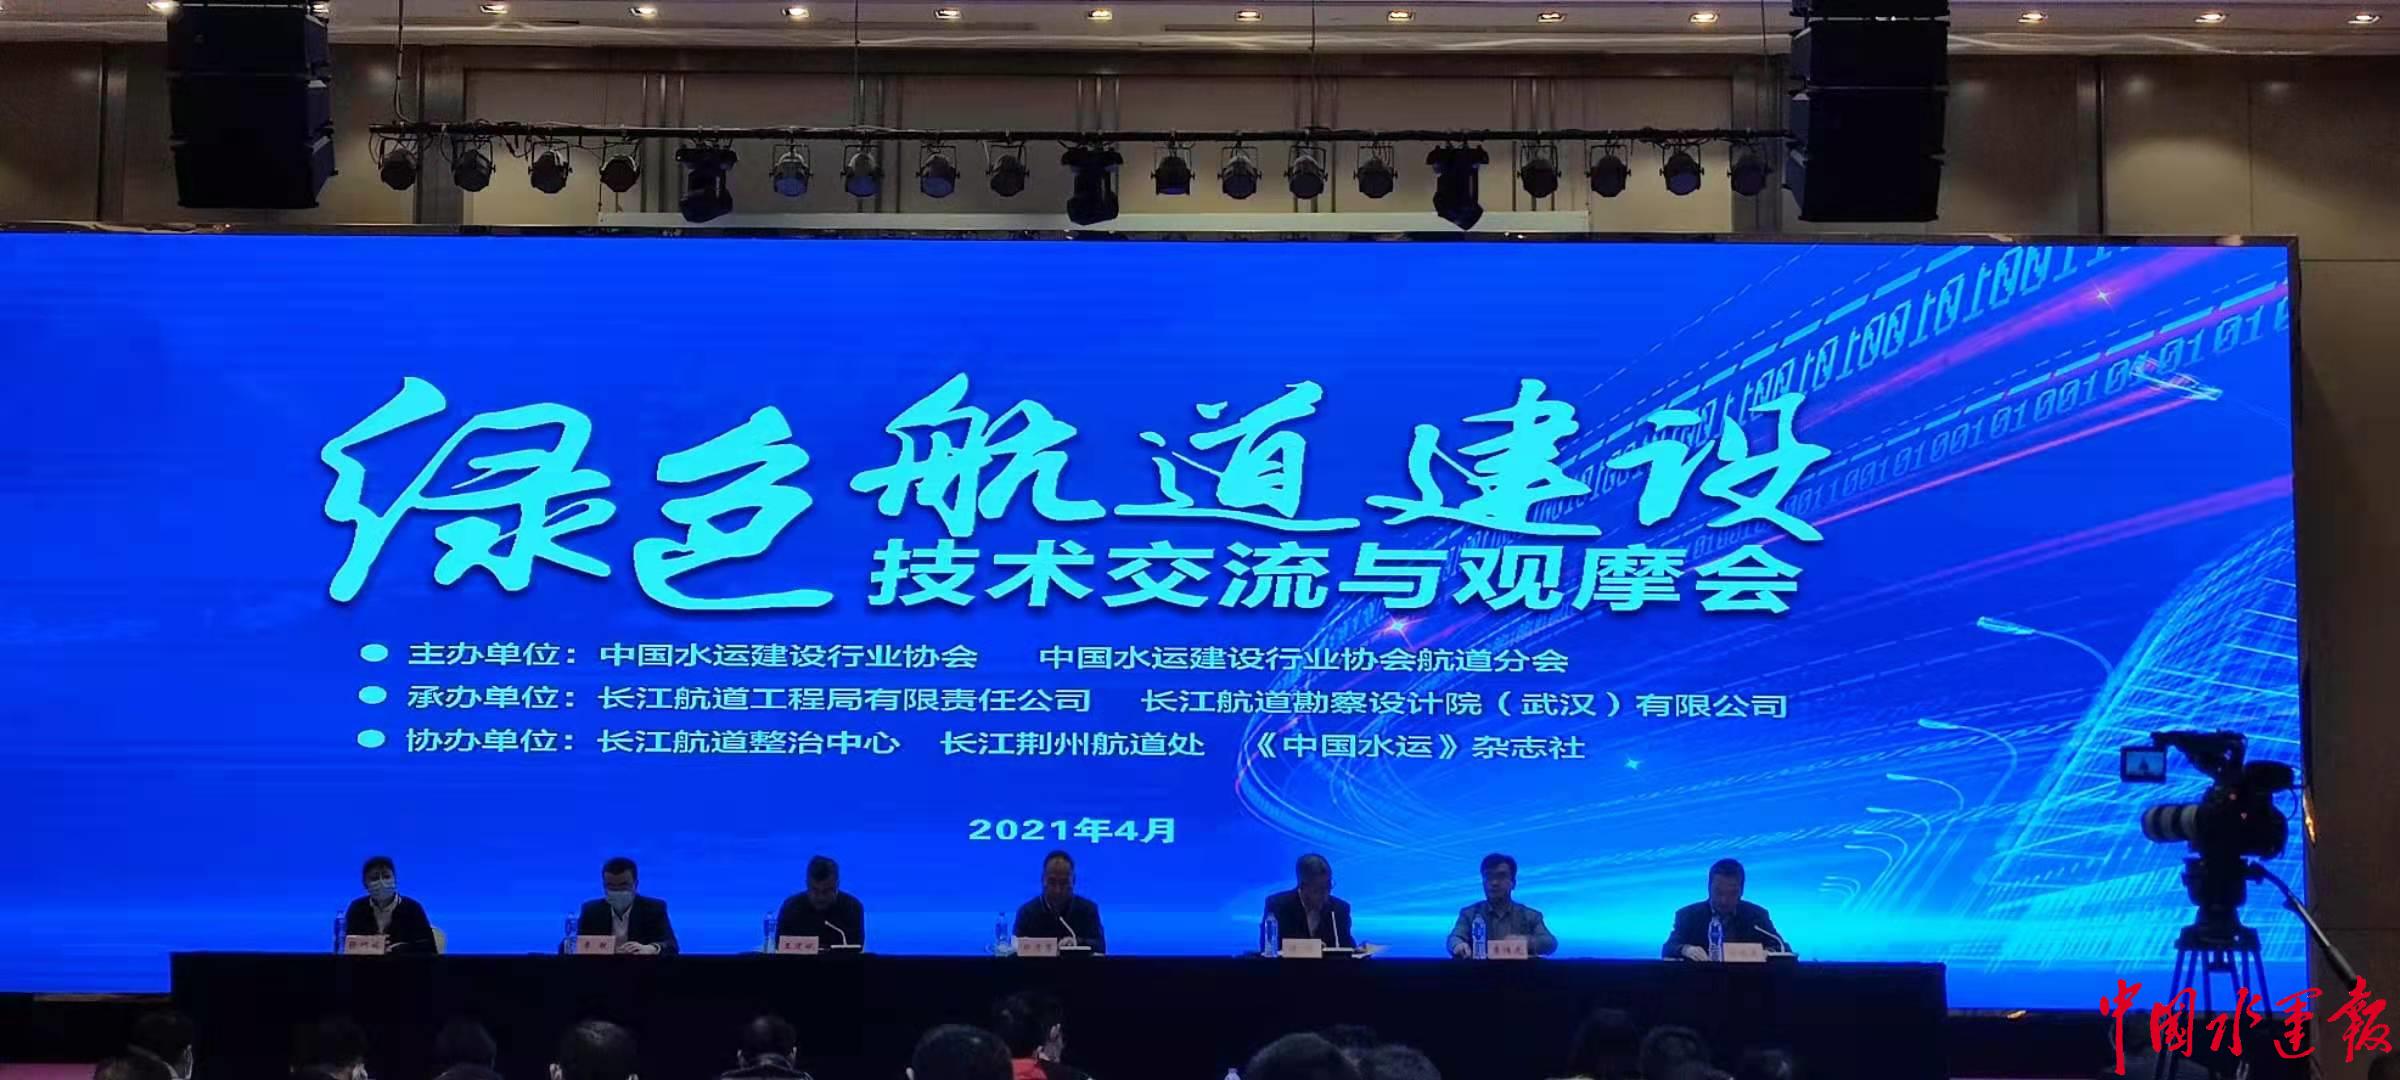 绿色航道建设技术交流与观摩会在荆州举行